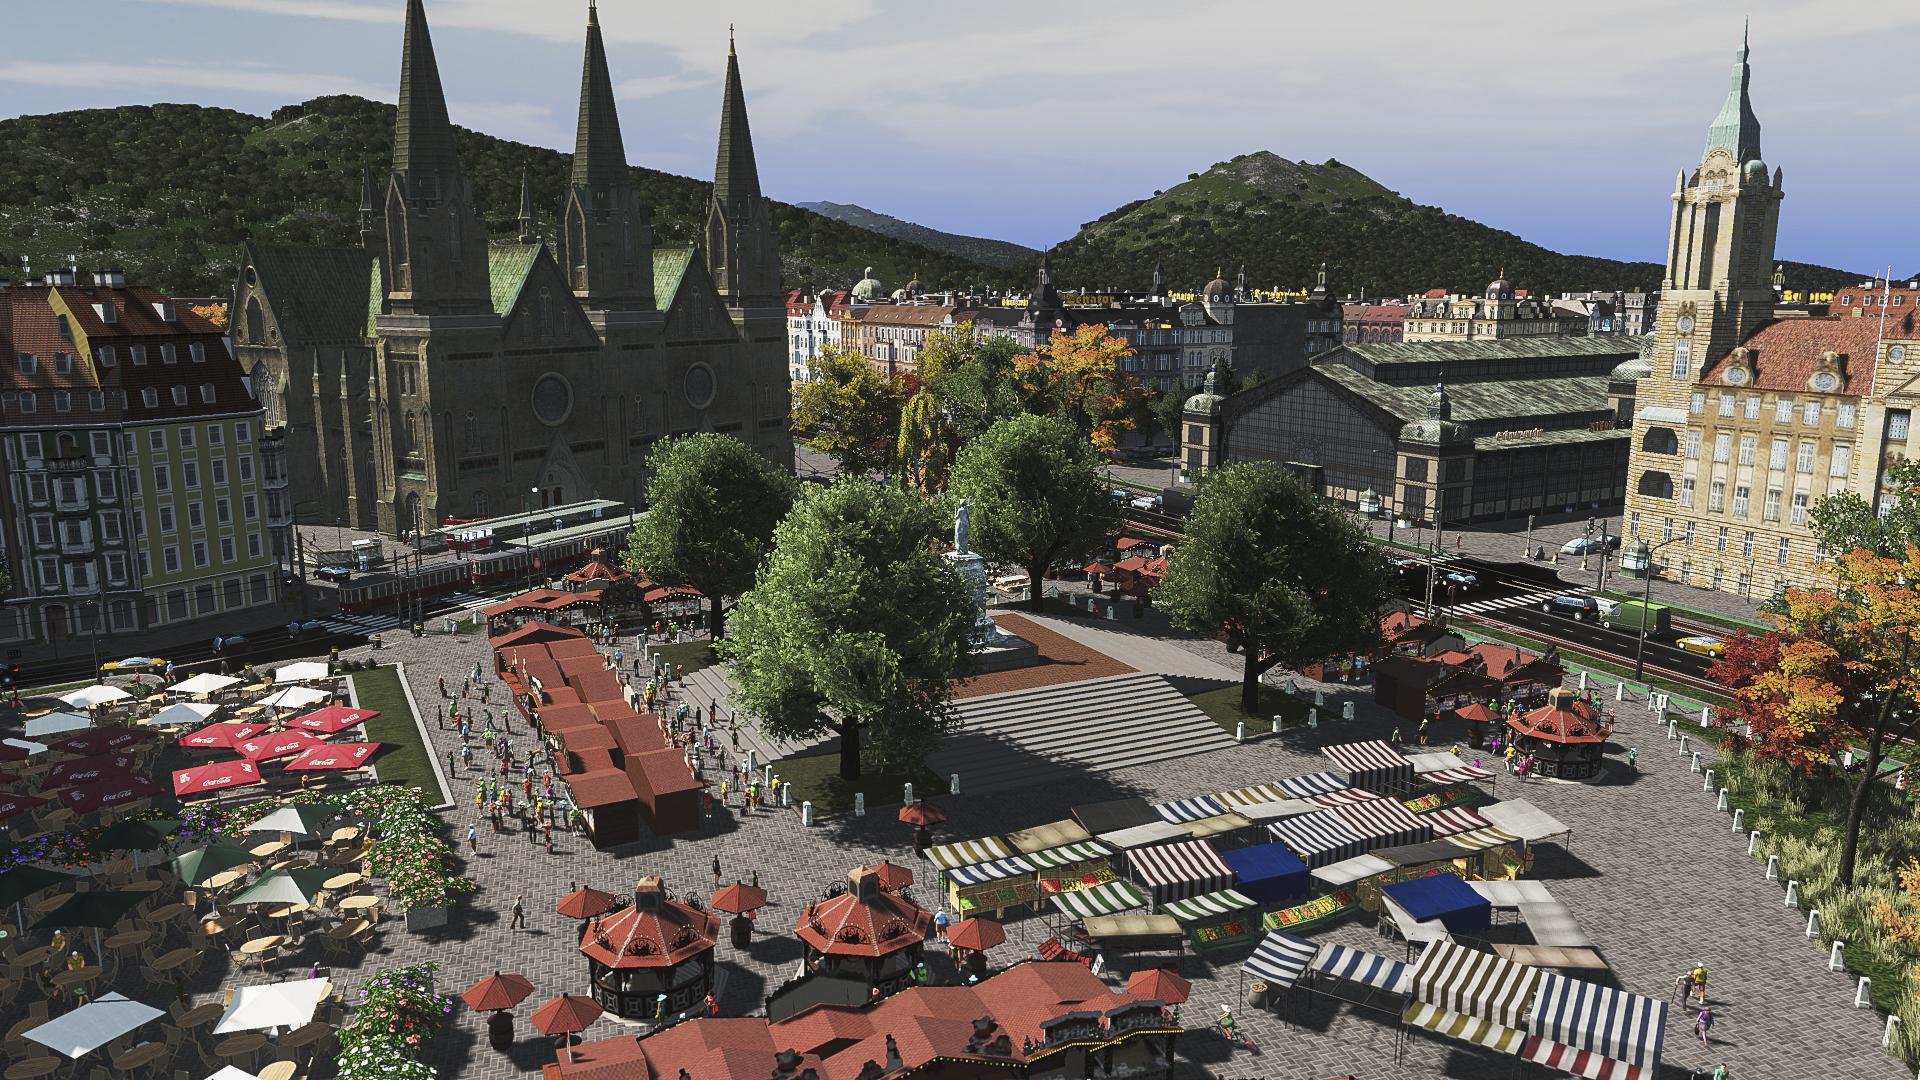 Wyebruck_Altstadt_12.jpg